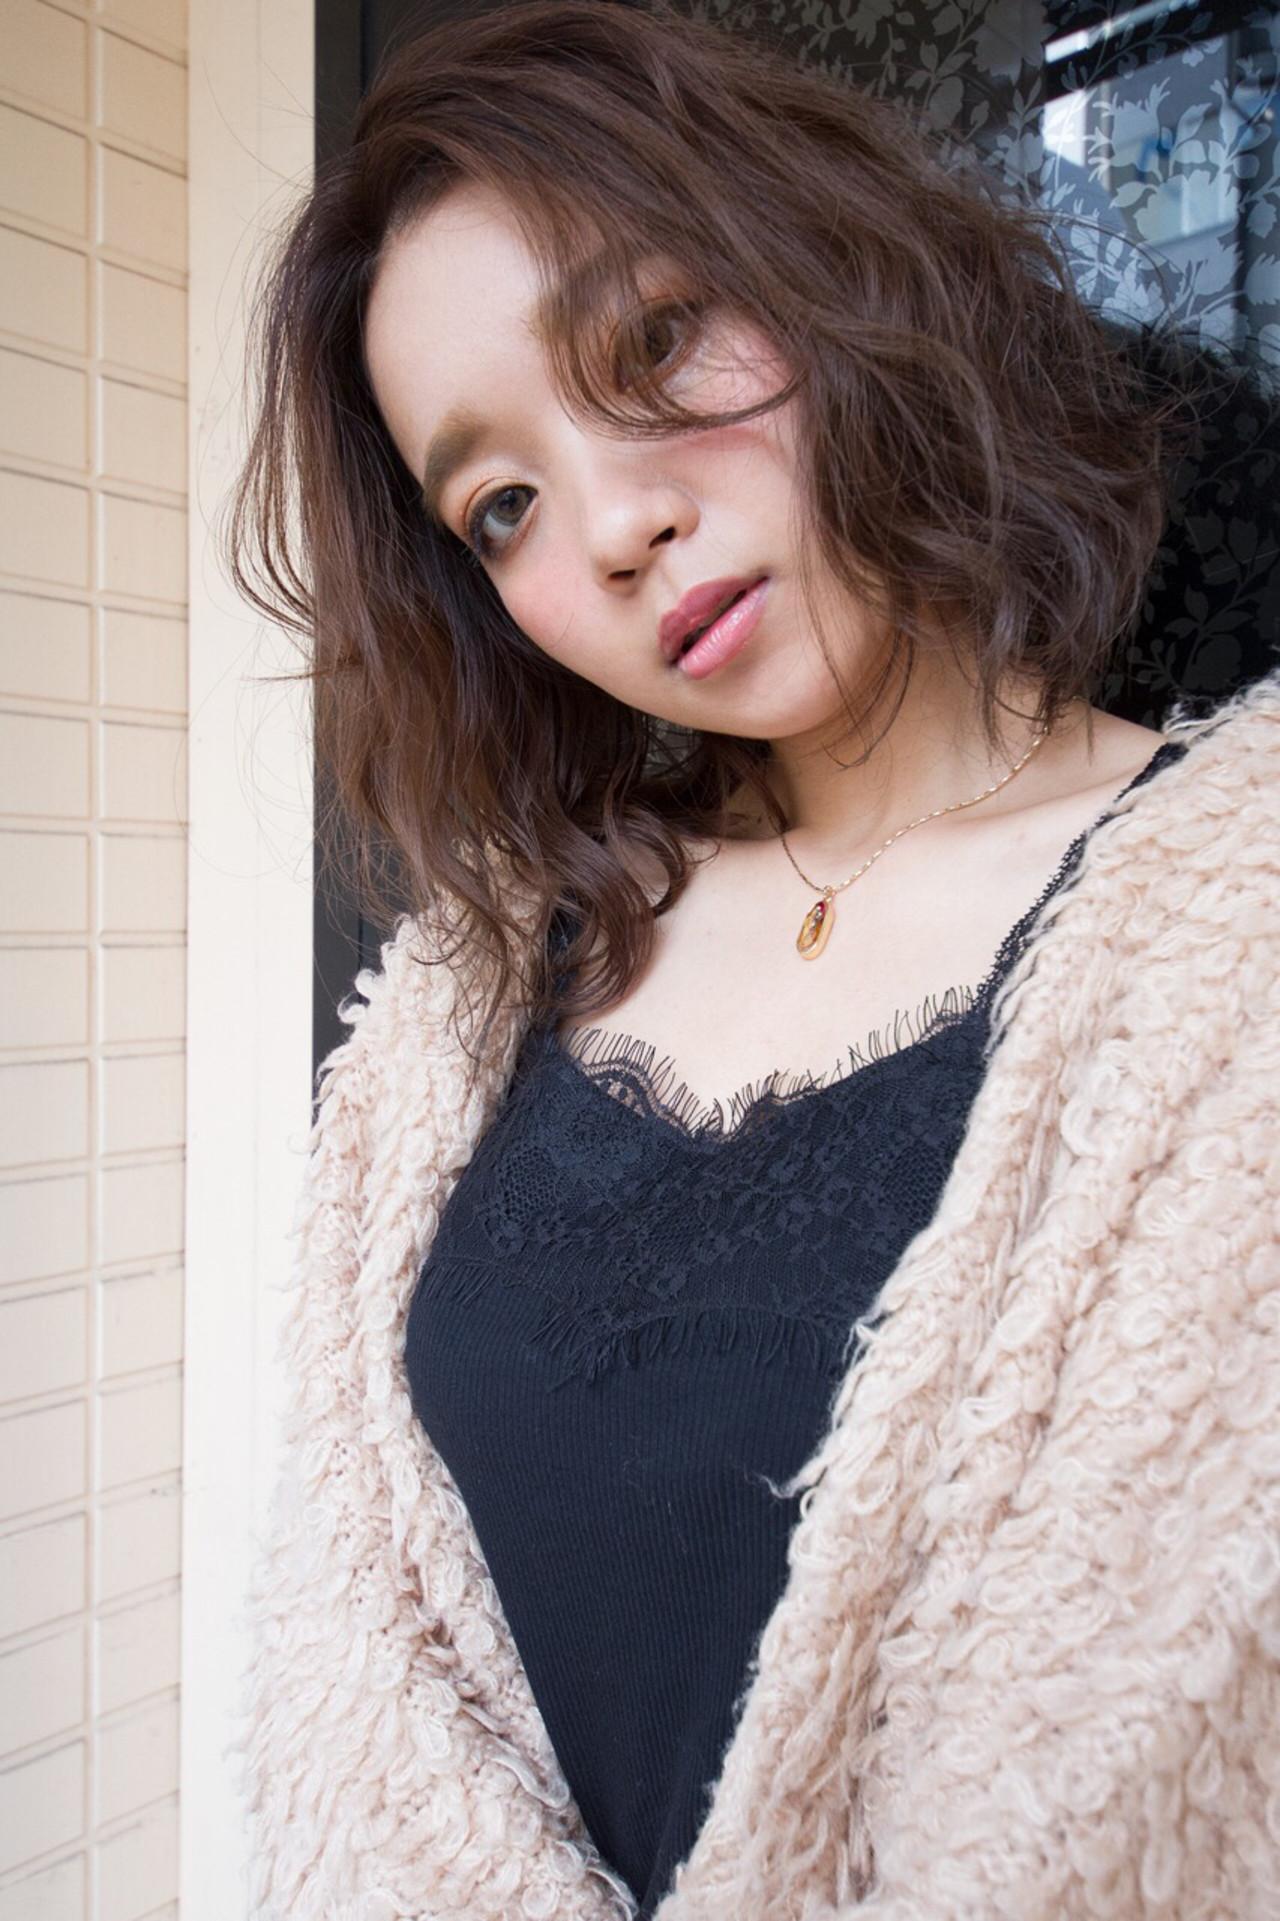 前髪無しなら、大人の色気も♡丸顔さんとも相性は◎ もりかわえりな | Vamp Diva Wyrm